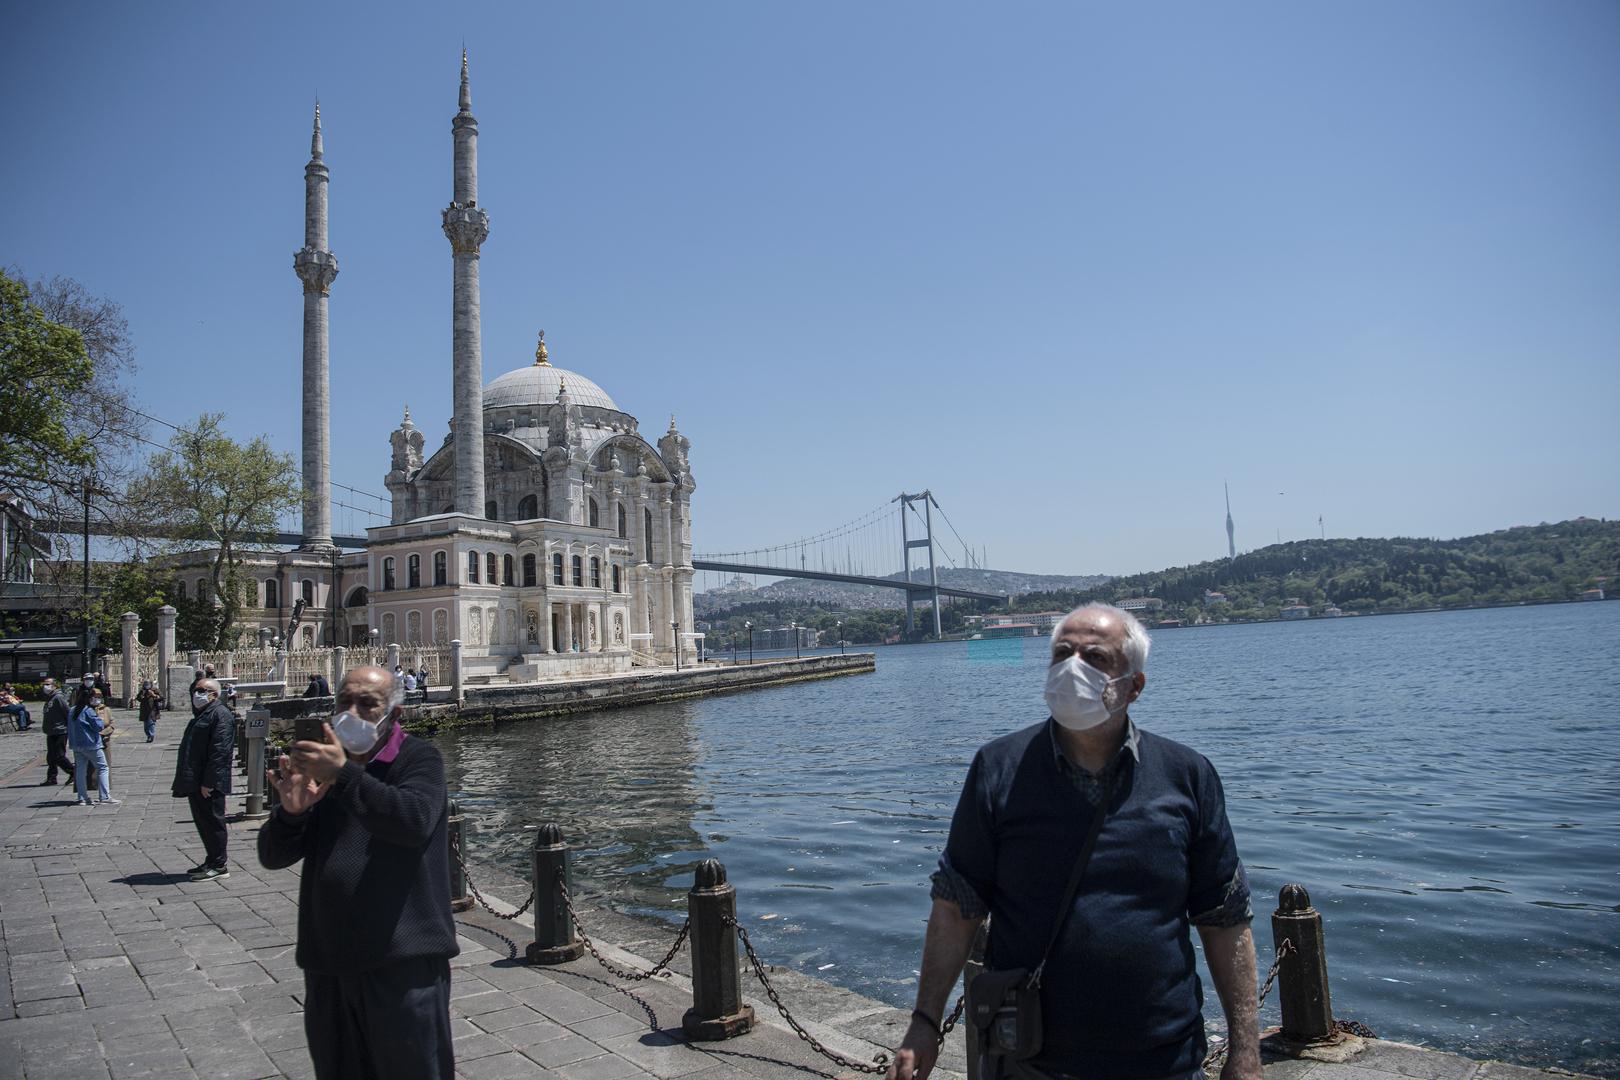 كورونا..  تركيا تسجل قفزة في الإصابات اليومية والصحة تؤكد أنها في حدود المتوقع -